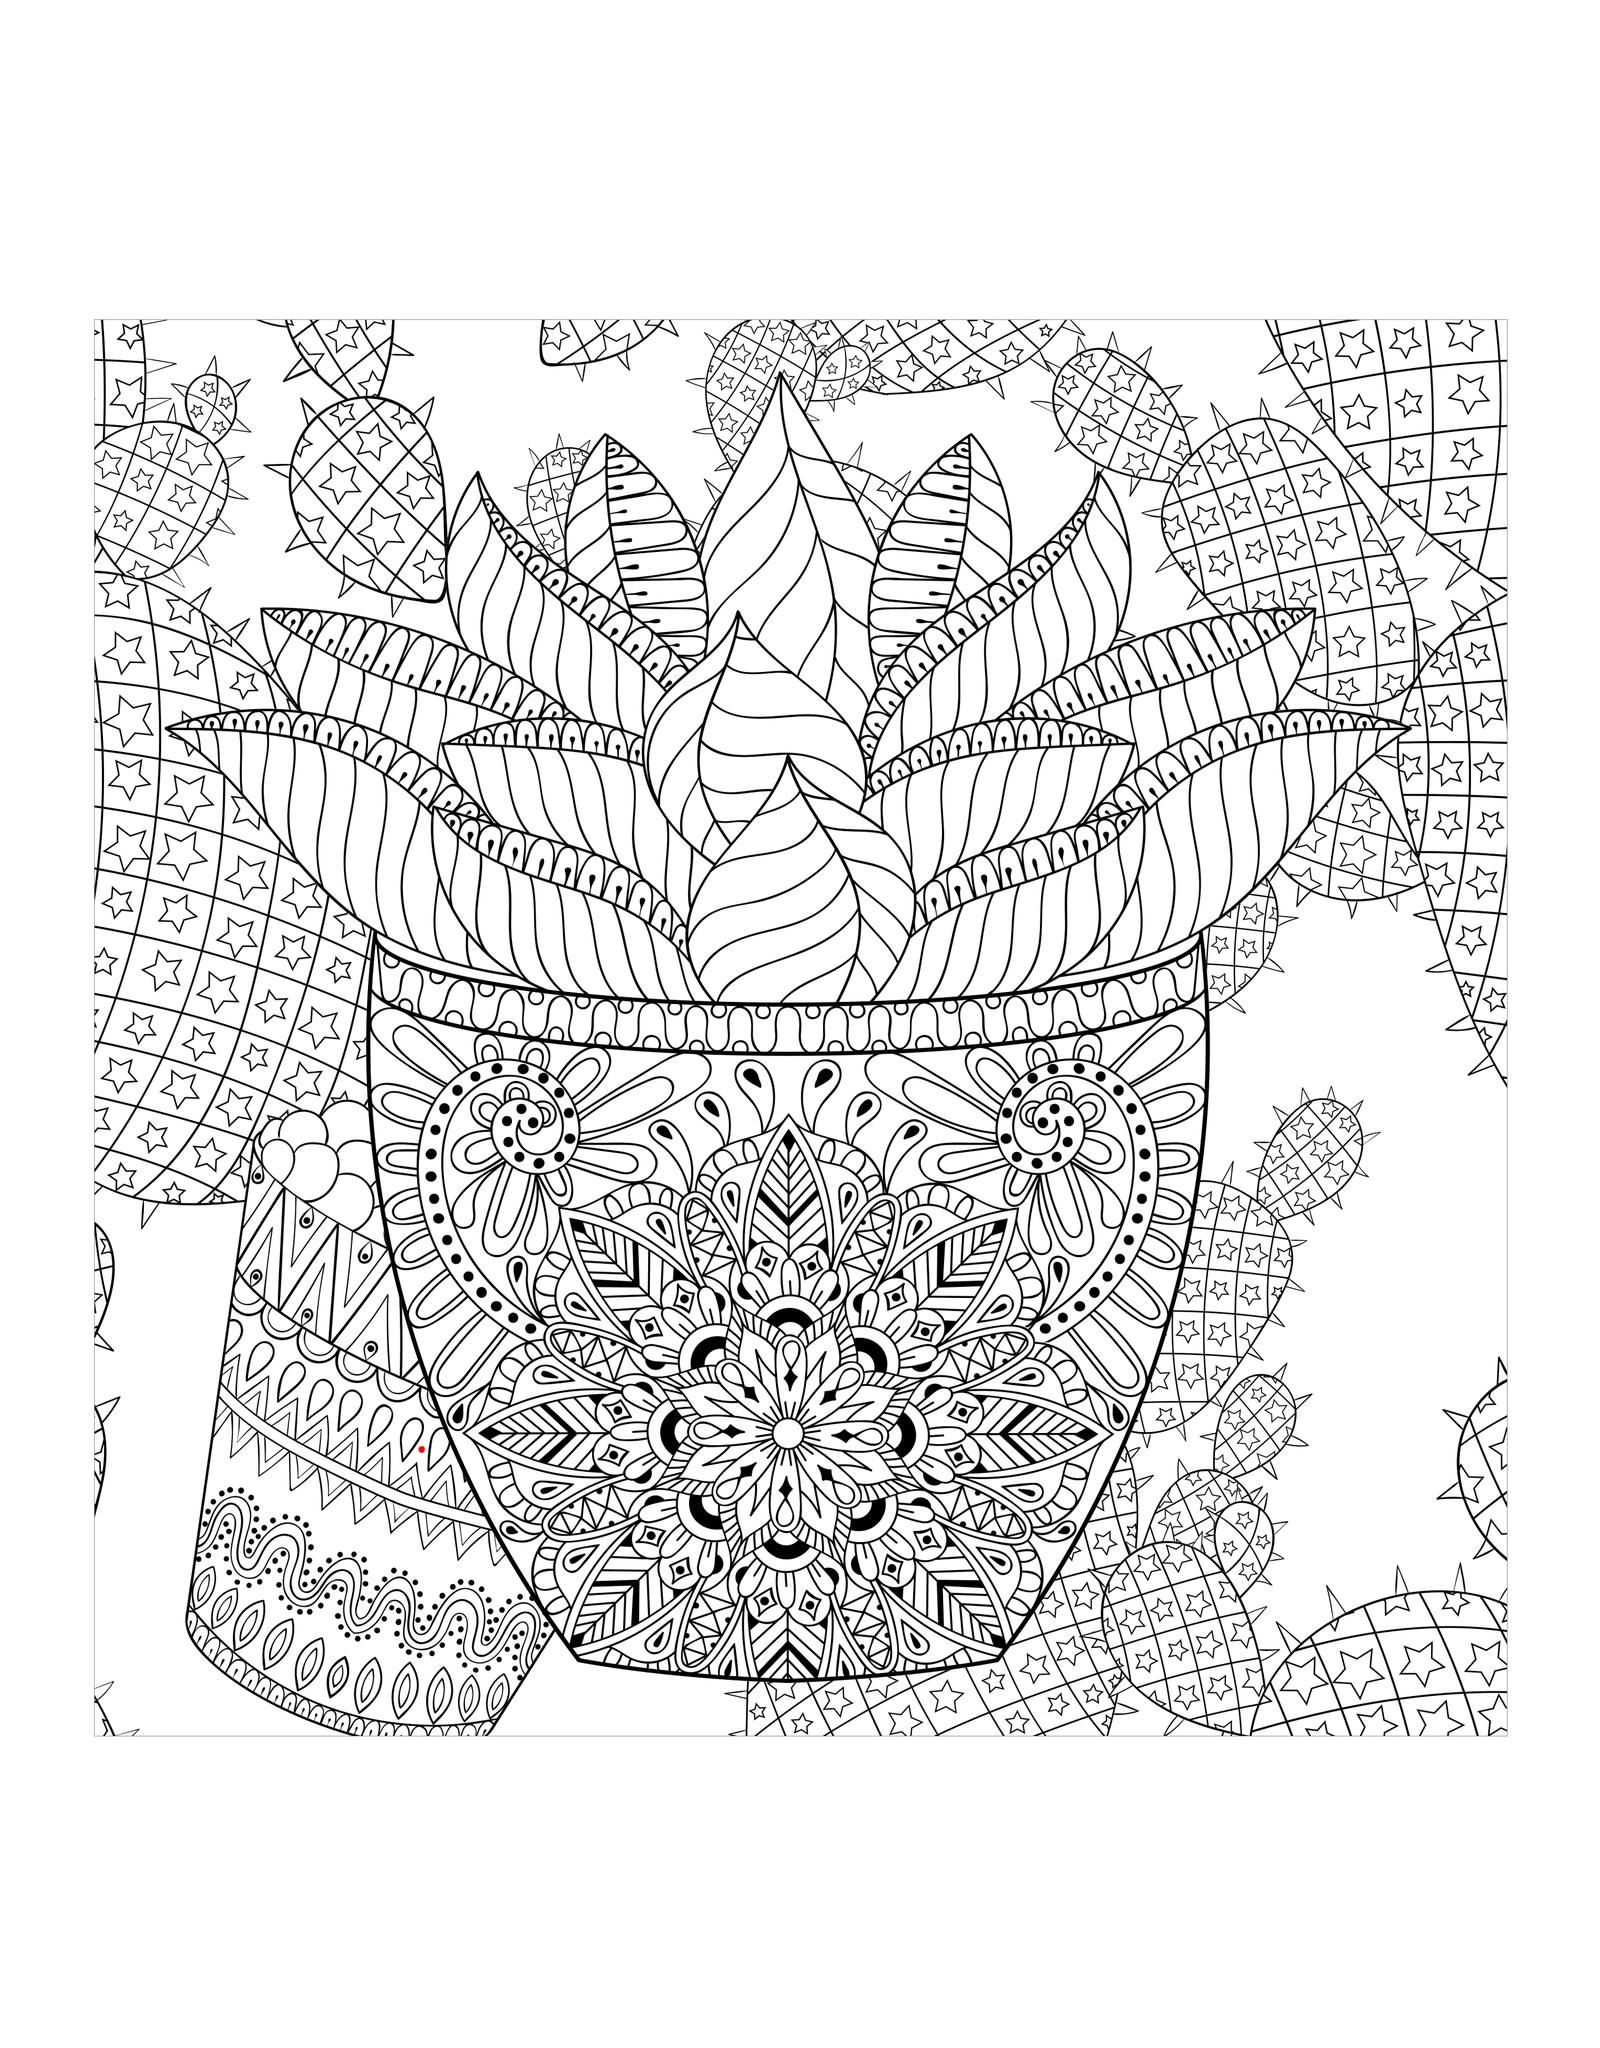 Peter Pauper Press Adult Coloring Book - Succulents